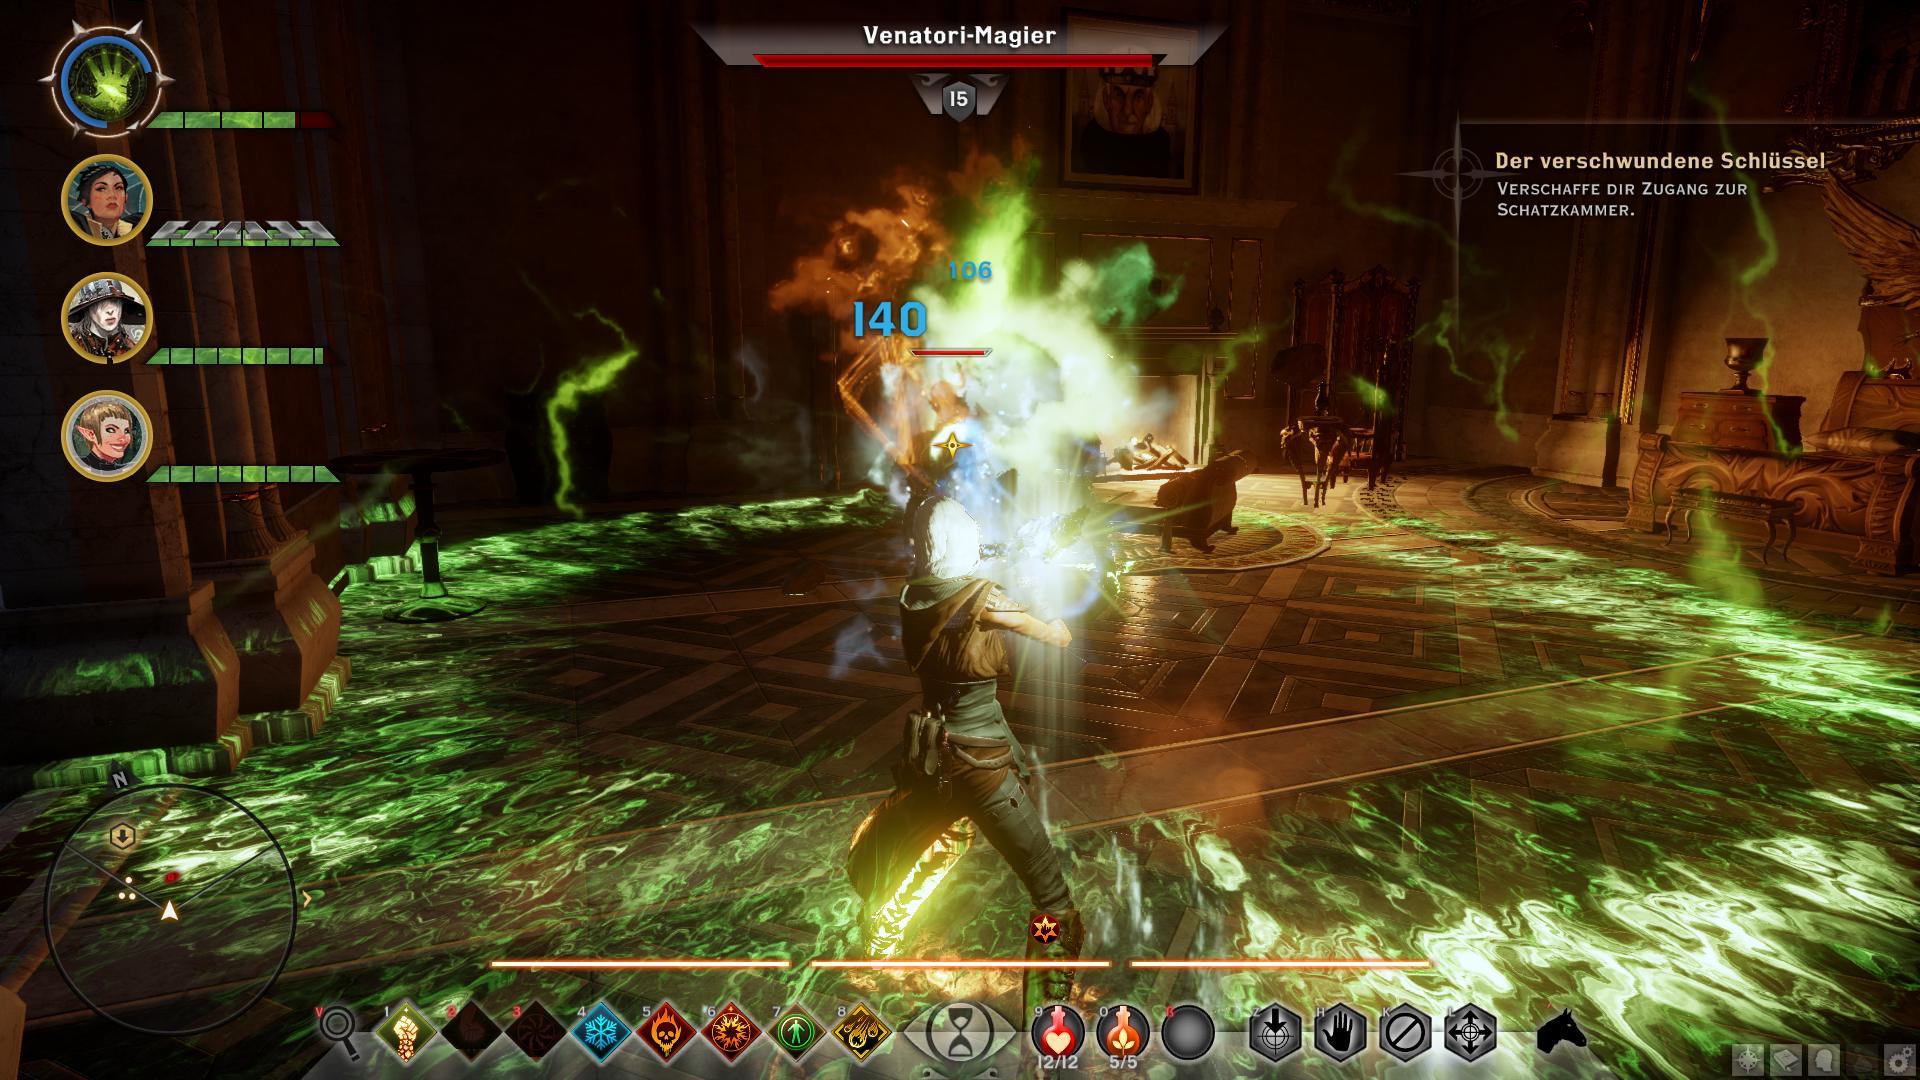 Böse Augen und böse Herzen | Komplettlösung | Dragon Age Inquisition ...